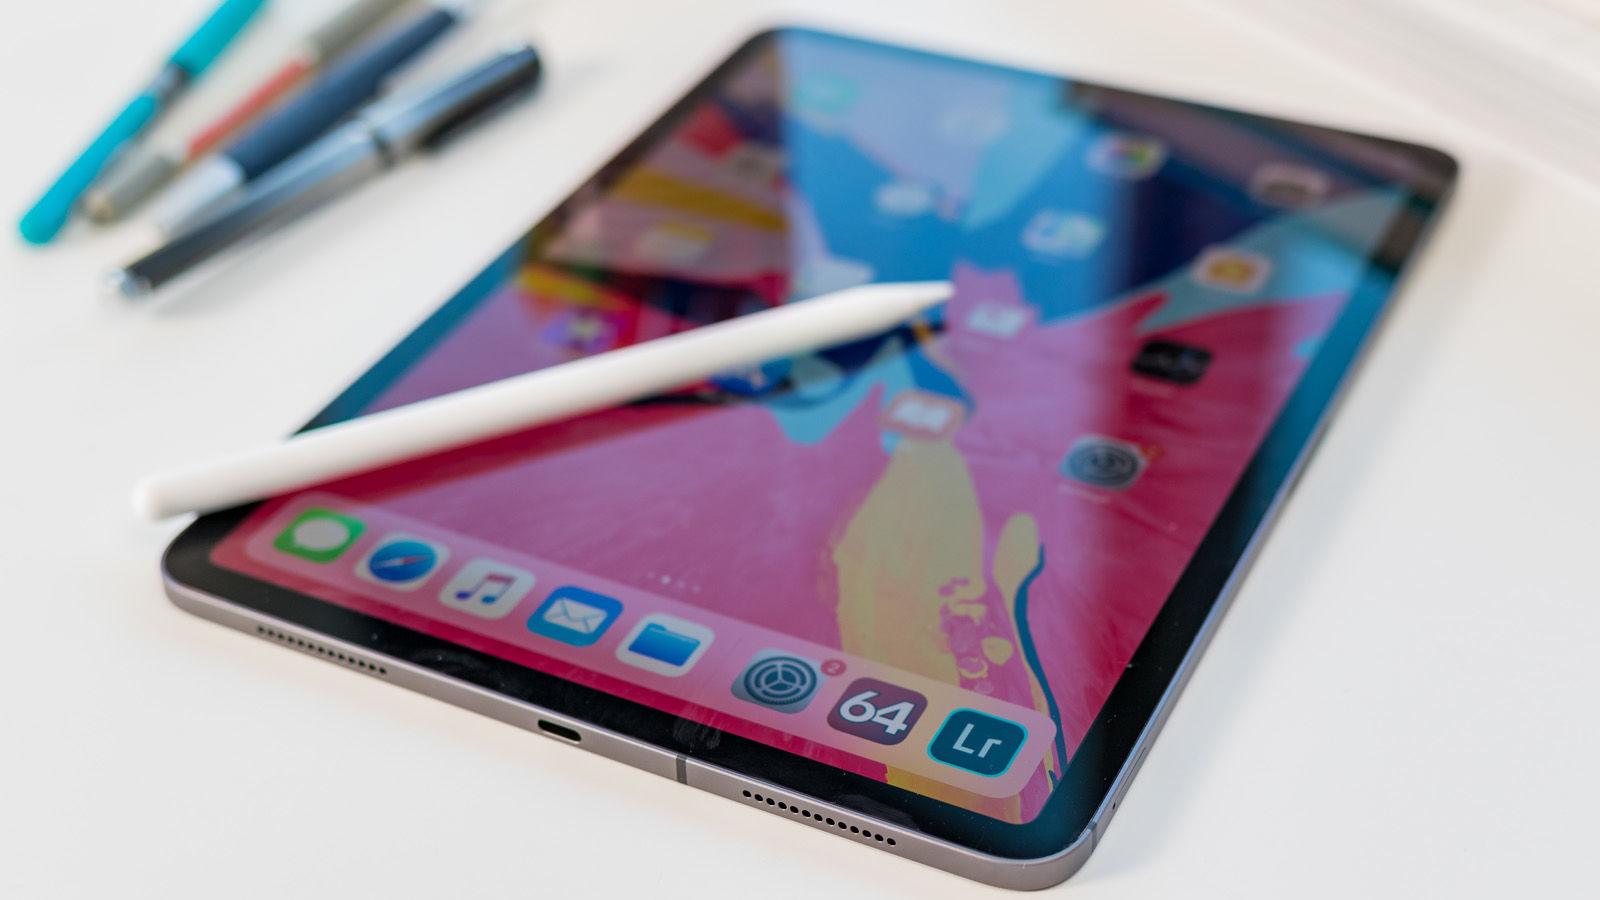 iPad Pro 11 inch Wifi 2018